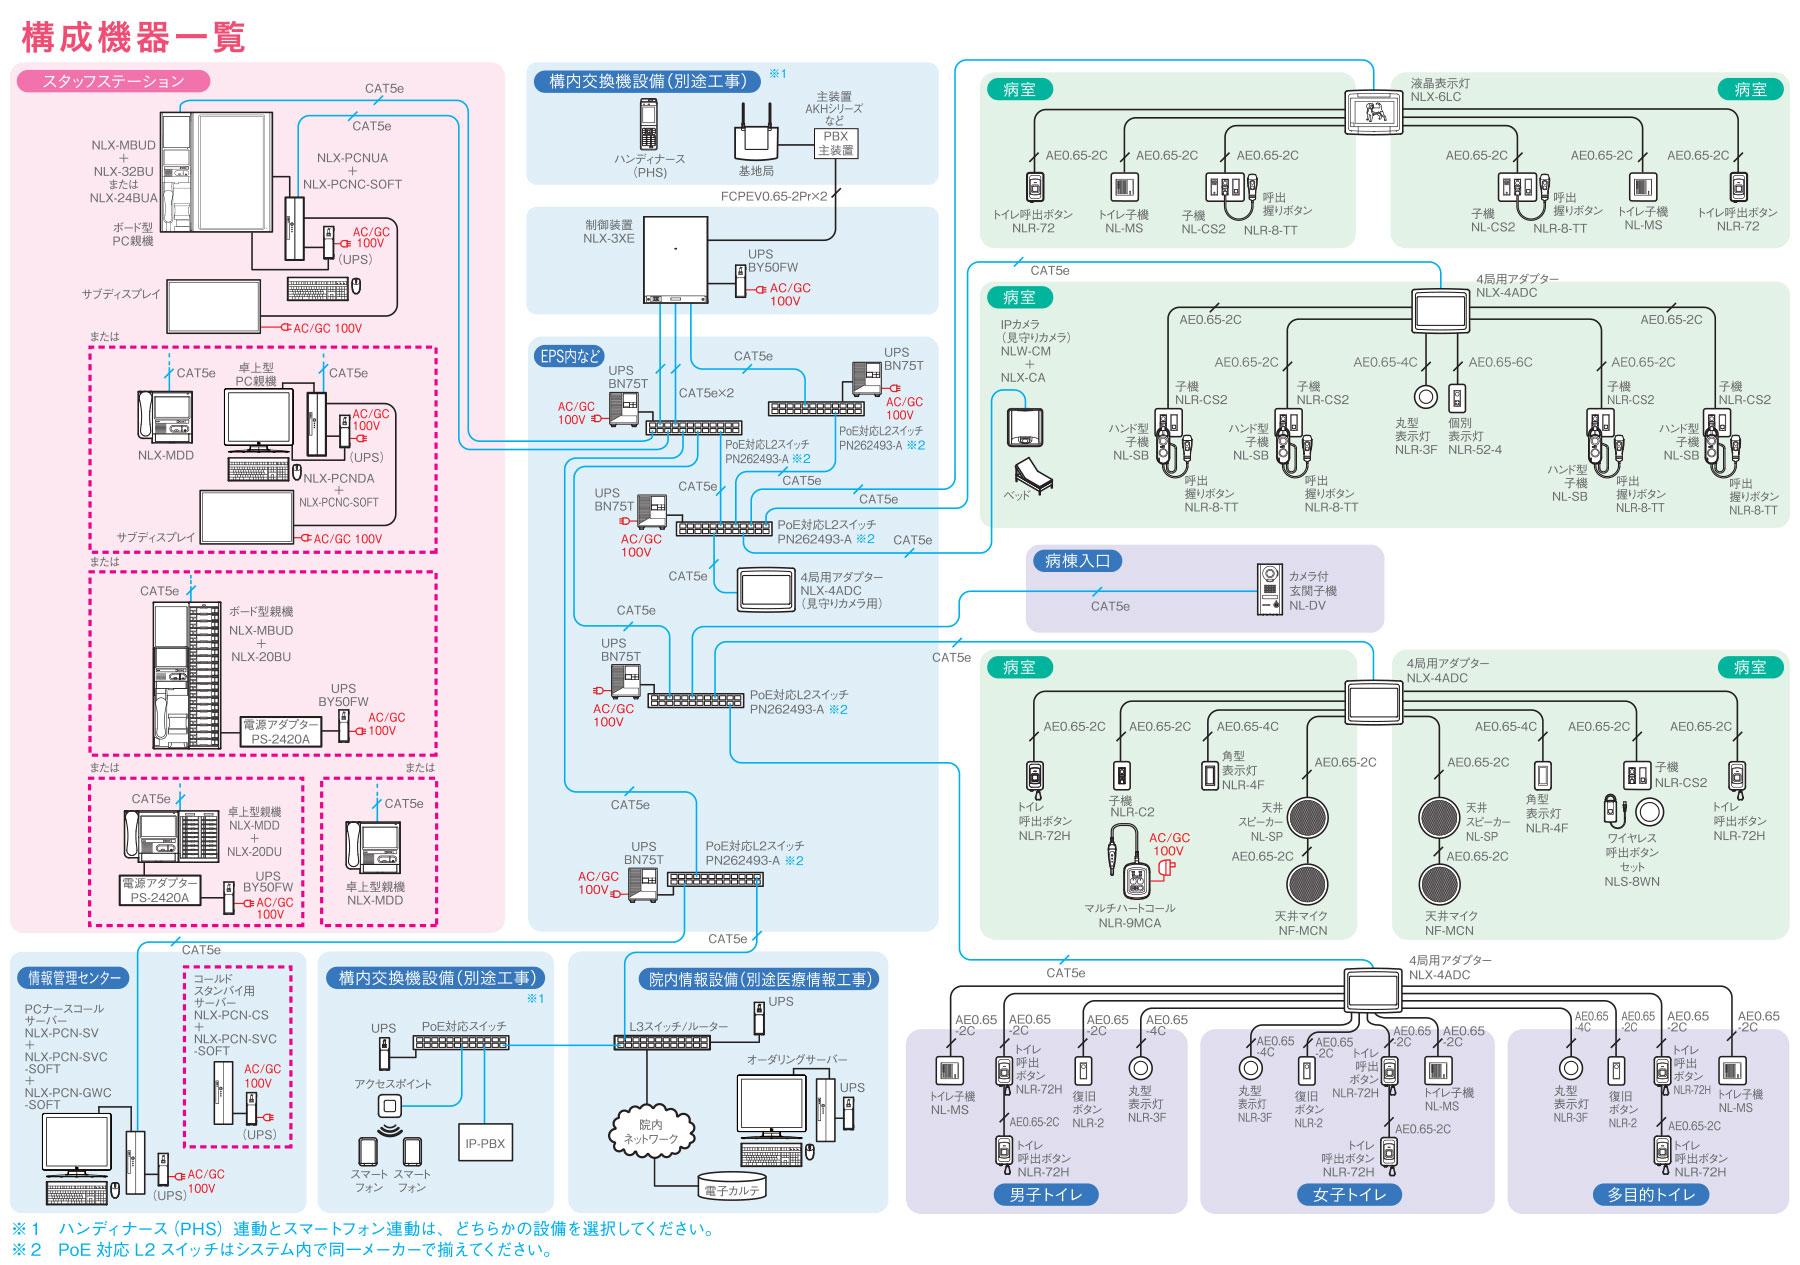 システム構成図) Vi-nurseシステム構成図です。 システム構成図(拡大画像) シス...